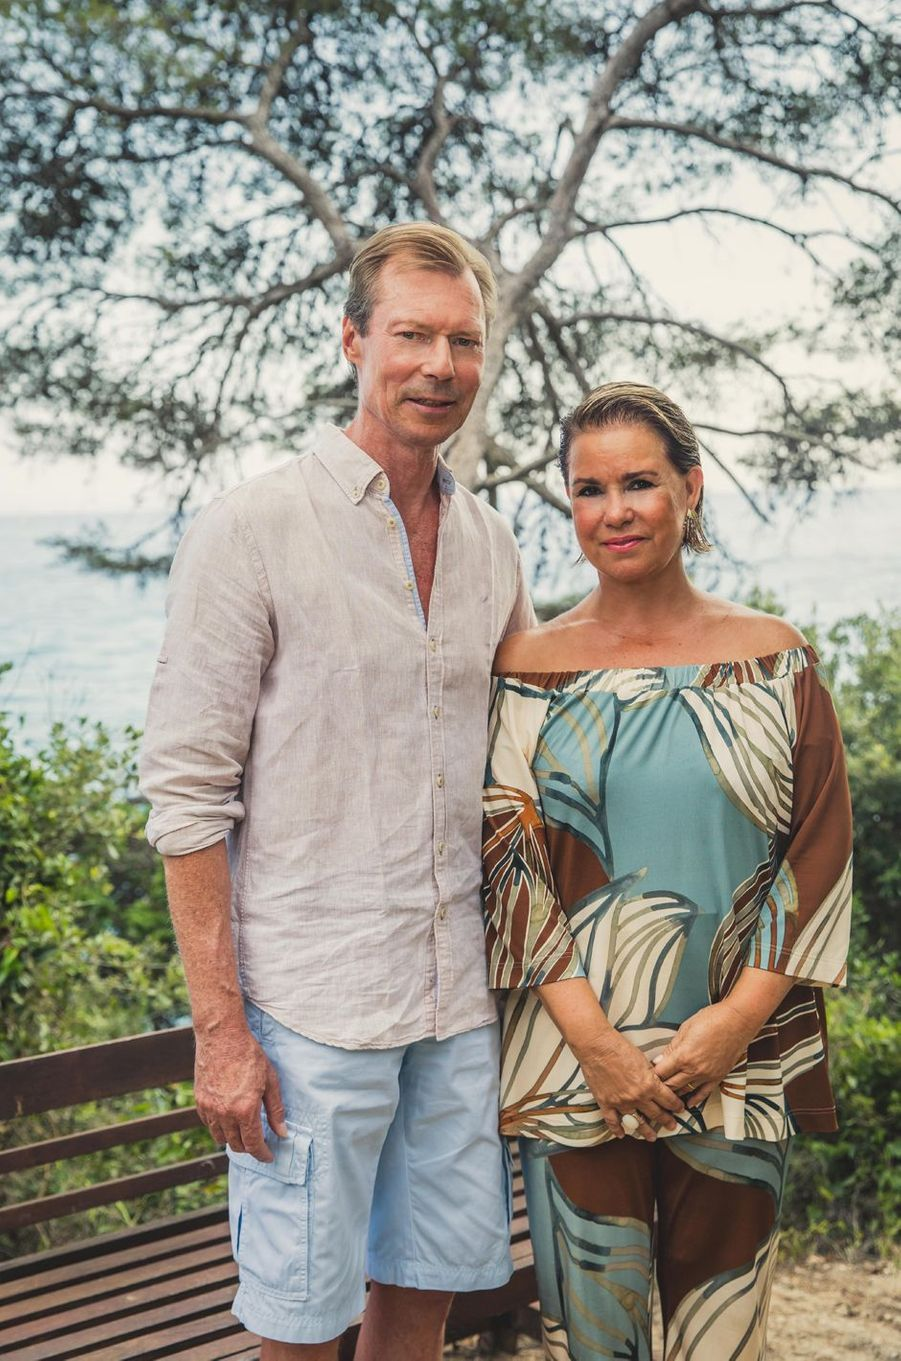 Le grand-duc Henri de Luxembourg et la grande-duchesse Maria Teresa en vacances à Cabasson. Photo diffusée le 8 août 2018